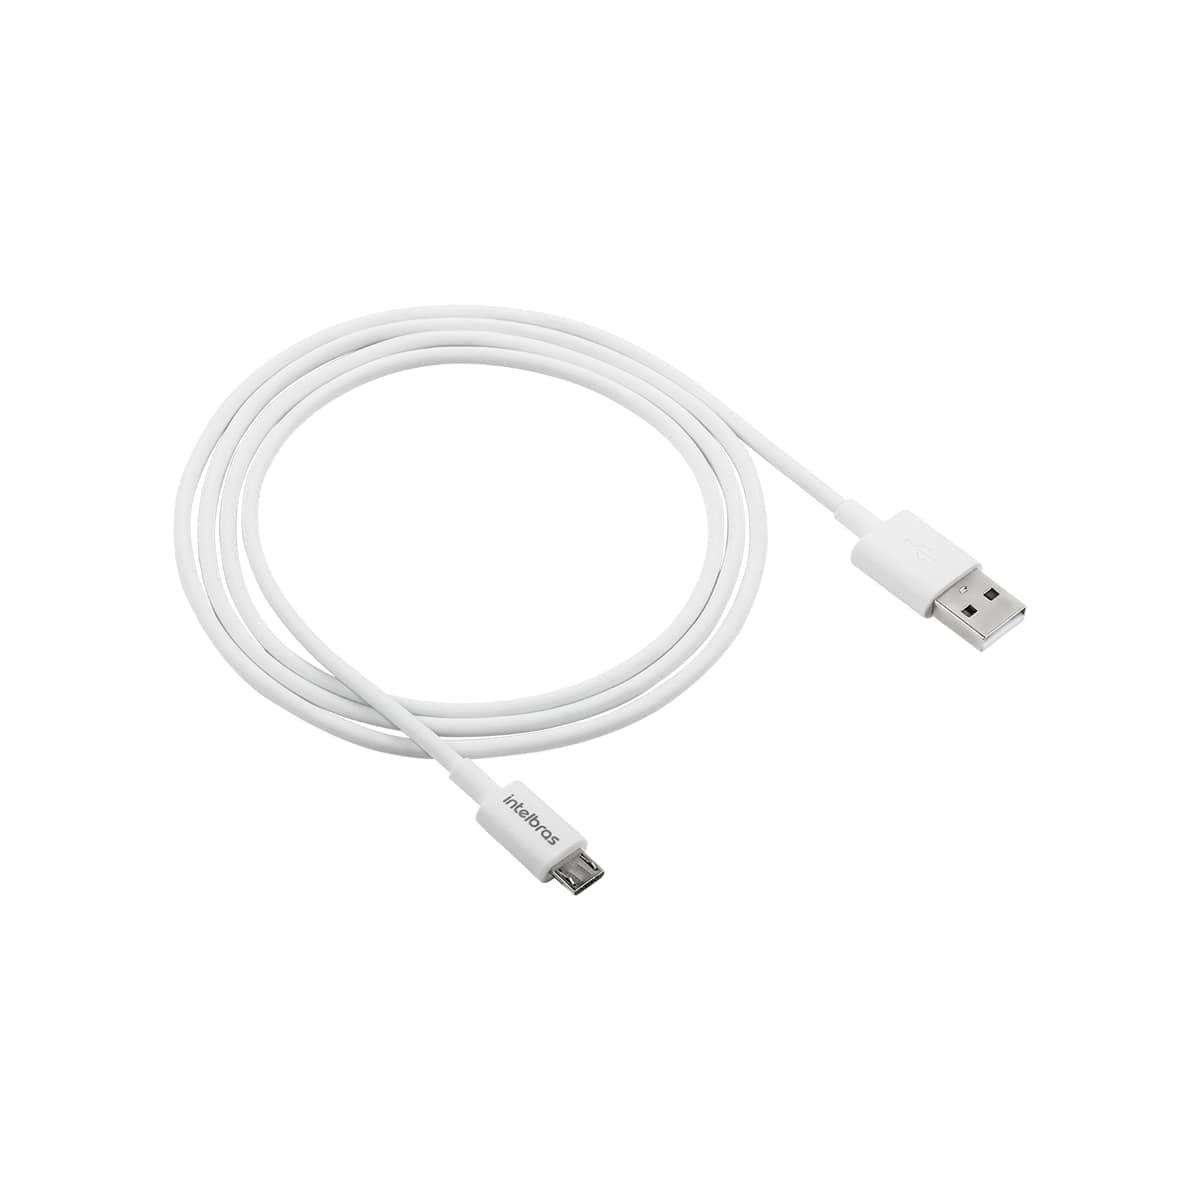 Cabo USB - Micro USB 1,2m PVC branco Intelbras EUAB 12PB